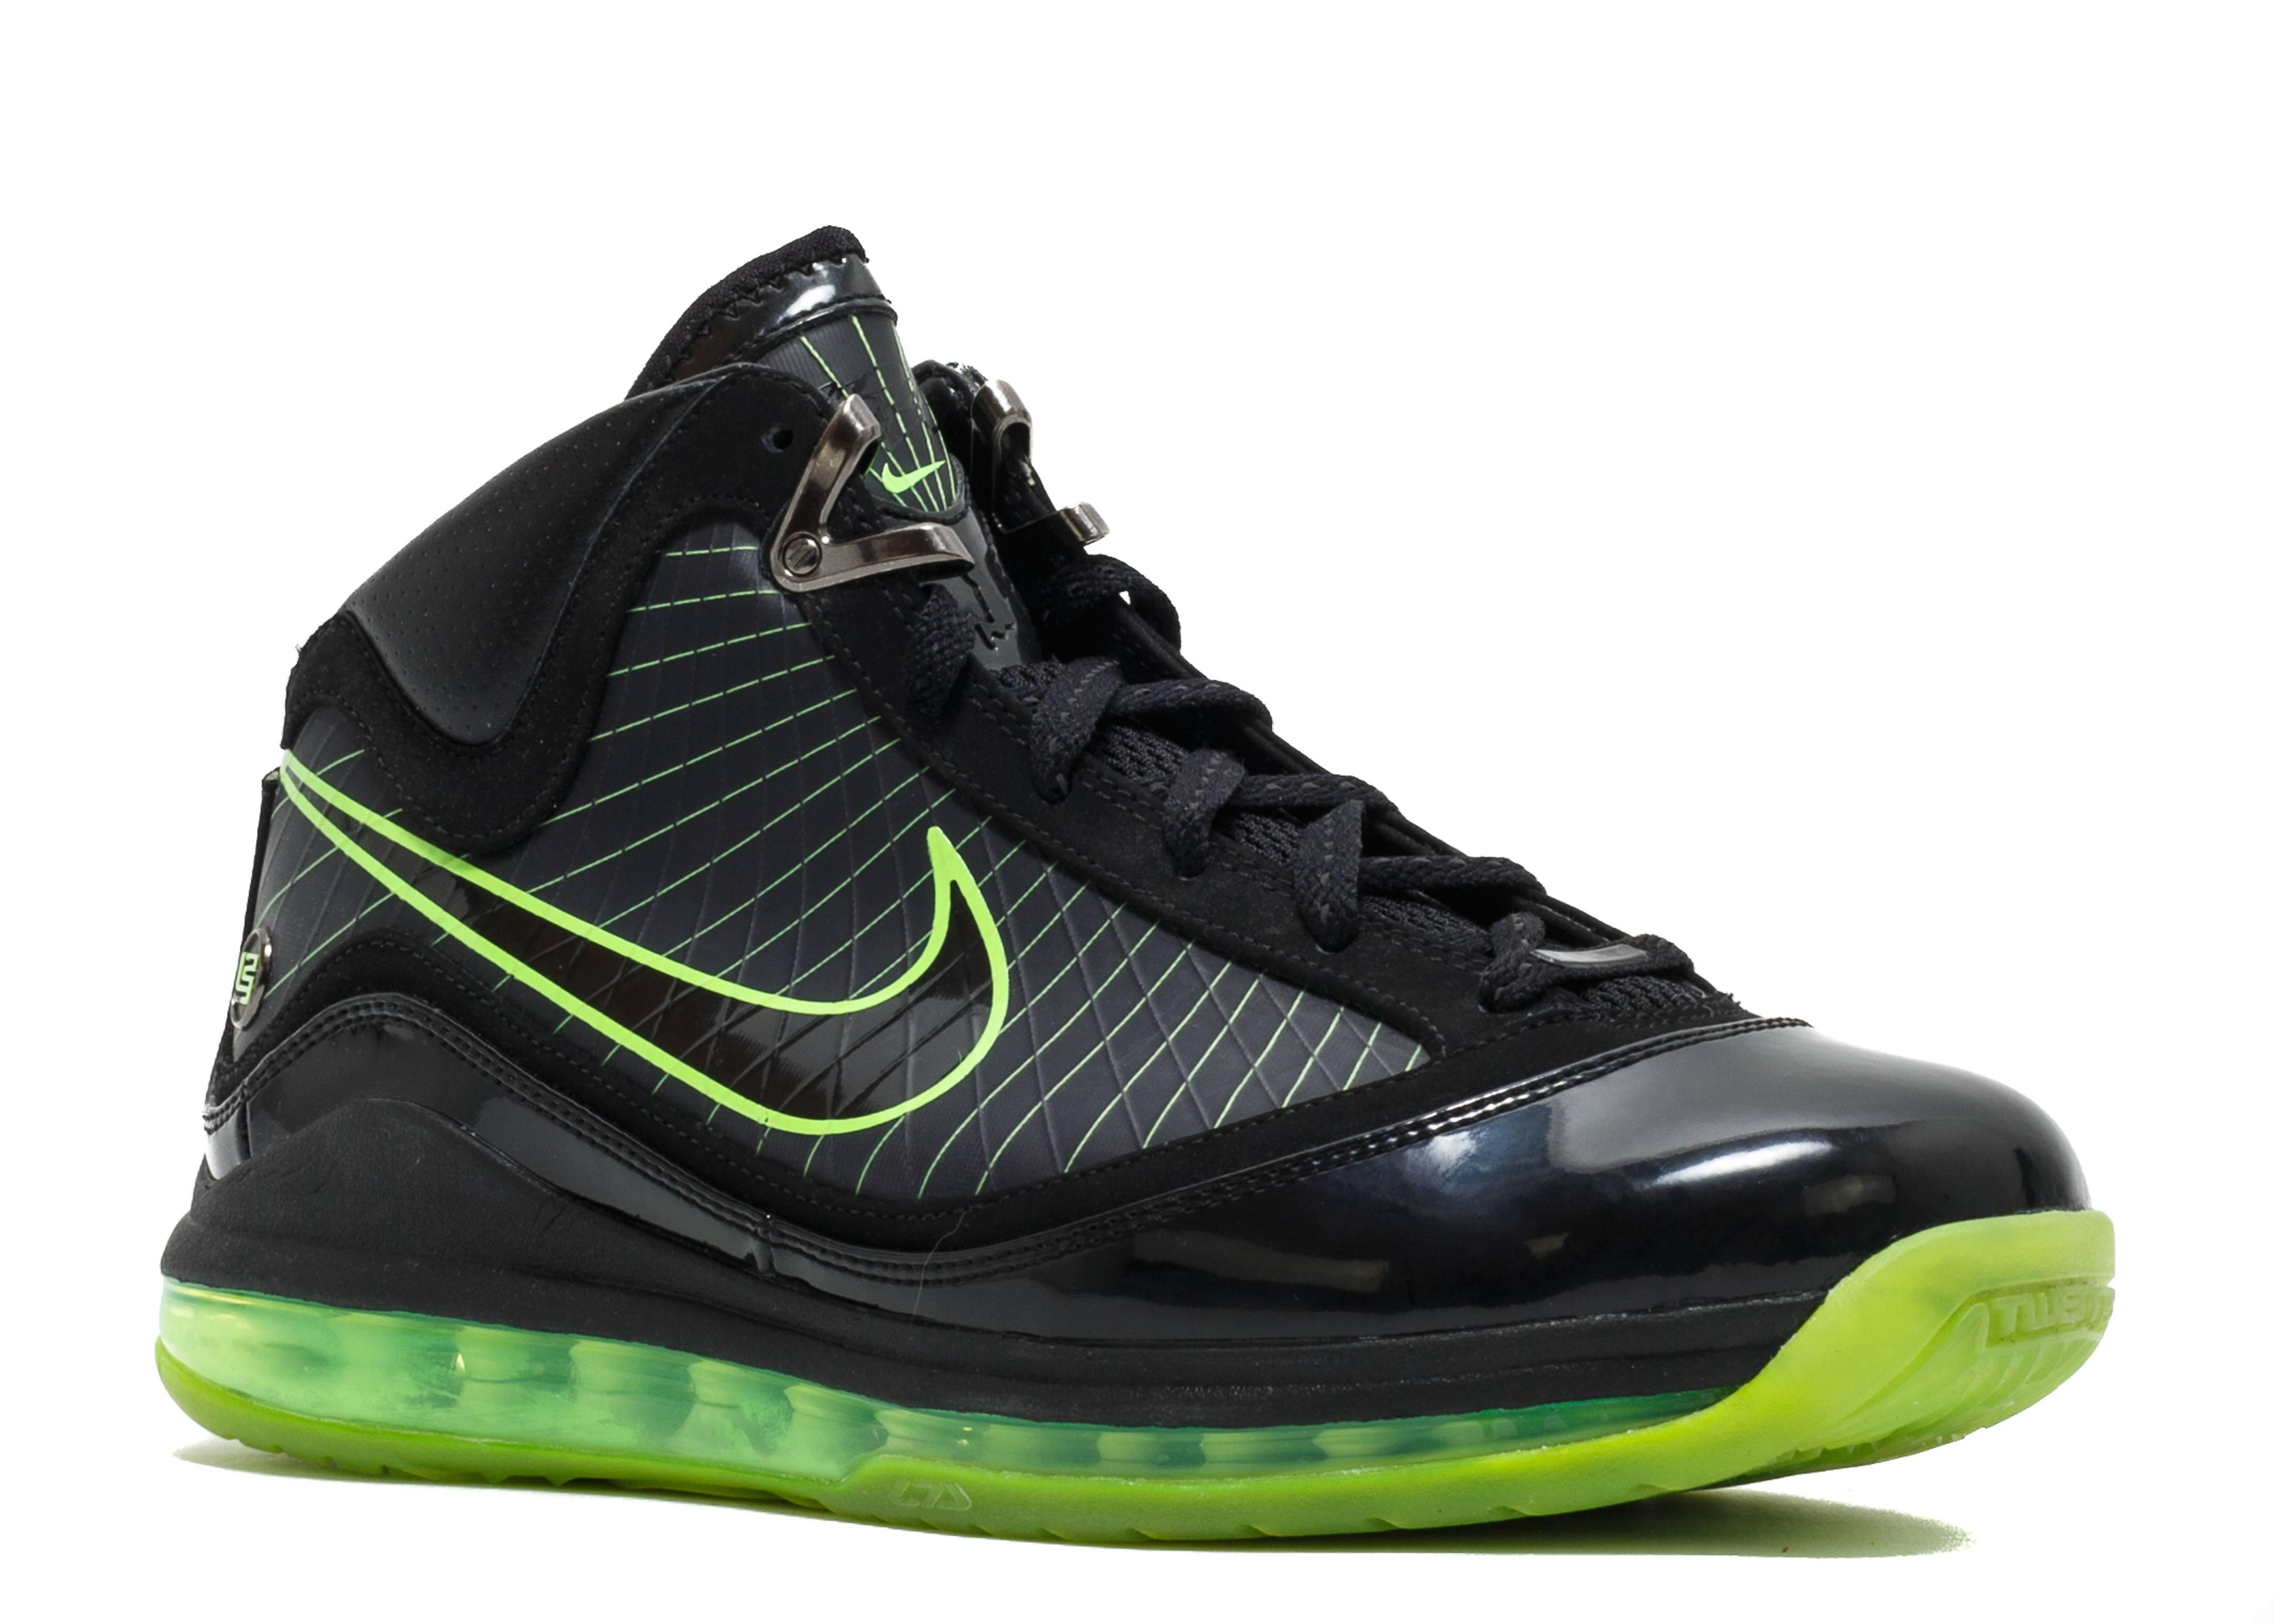 """Air Max Lebron 7 """"dunkman"""" - Nike - 375664 006 - black ..."""